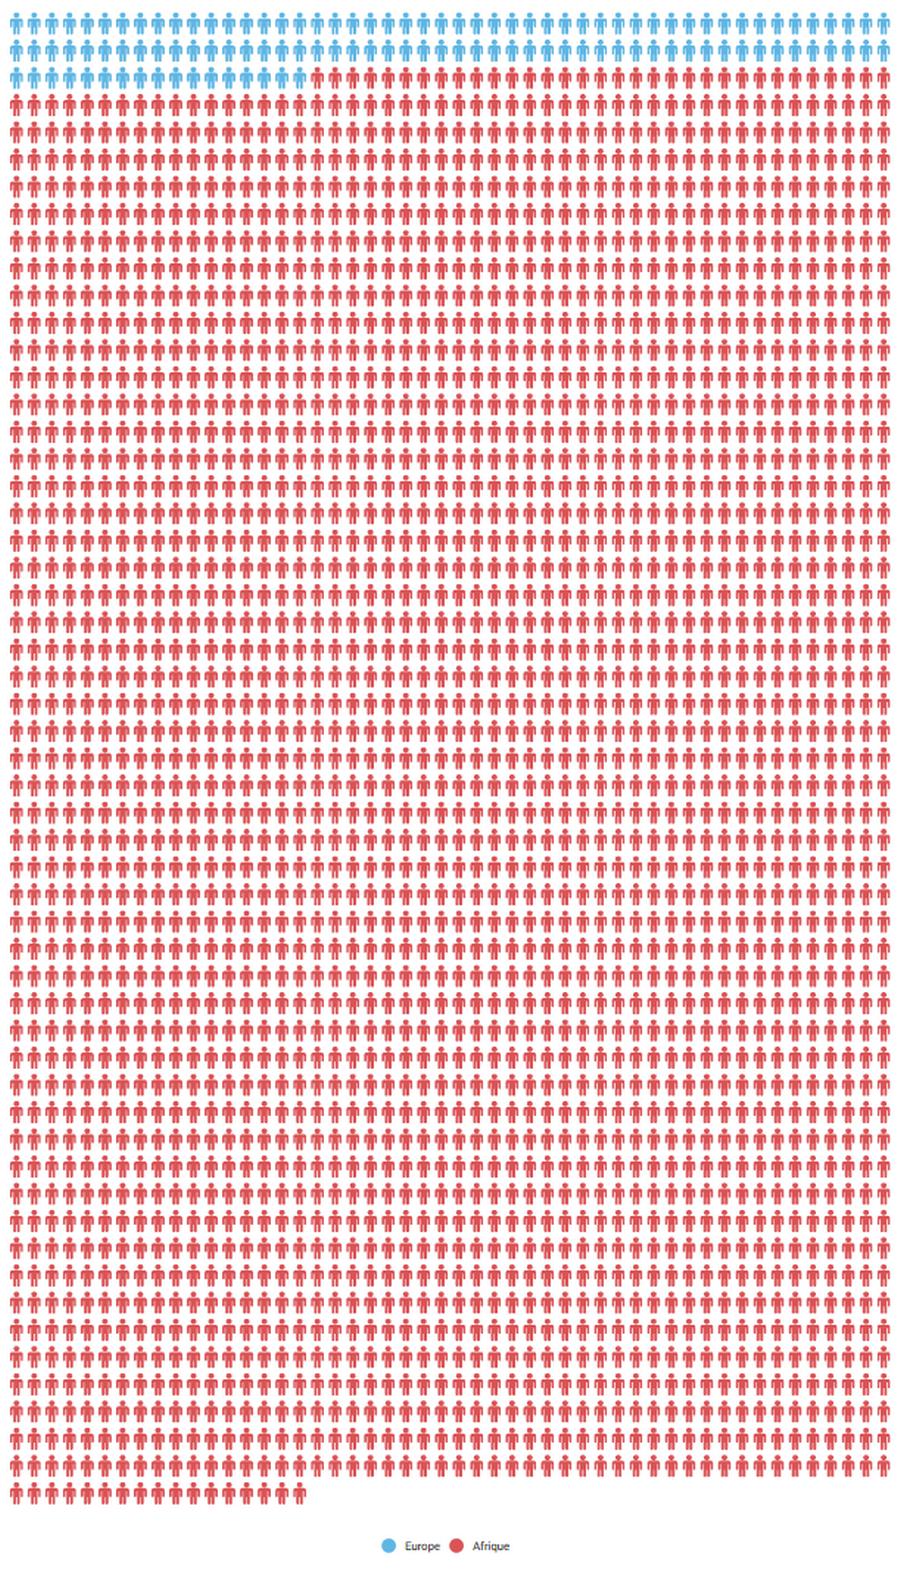 Nombre de morts depuis le 1er janvier 2017 dans des attaques terroristes en Europe (bleu) et en Afrique (rouge).